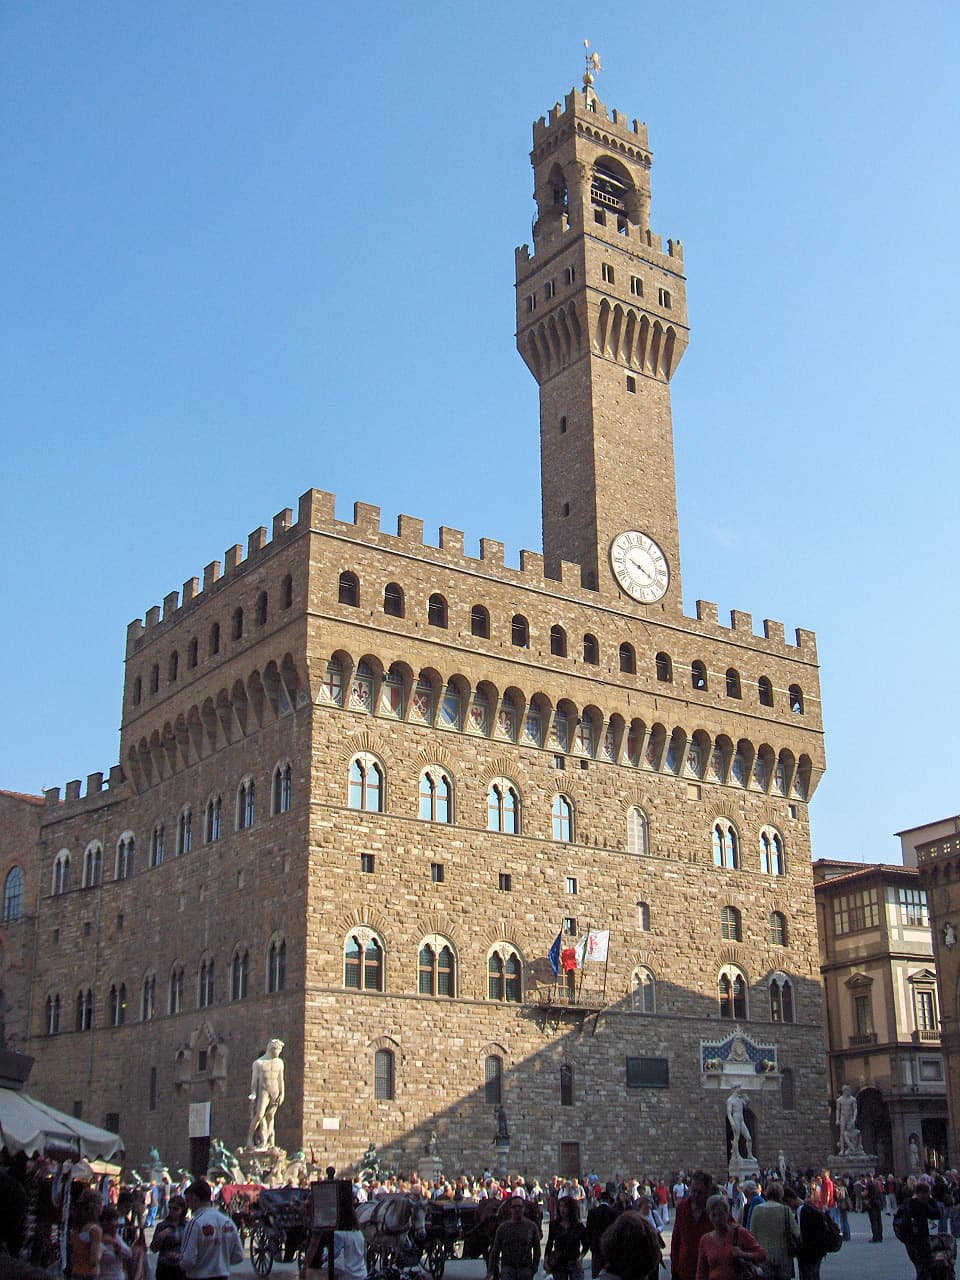 ヴェッキオ宮殿(=フィレンツェ市庁舎)